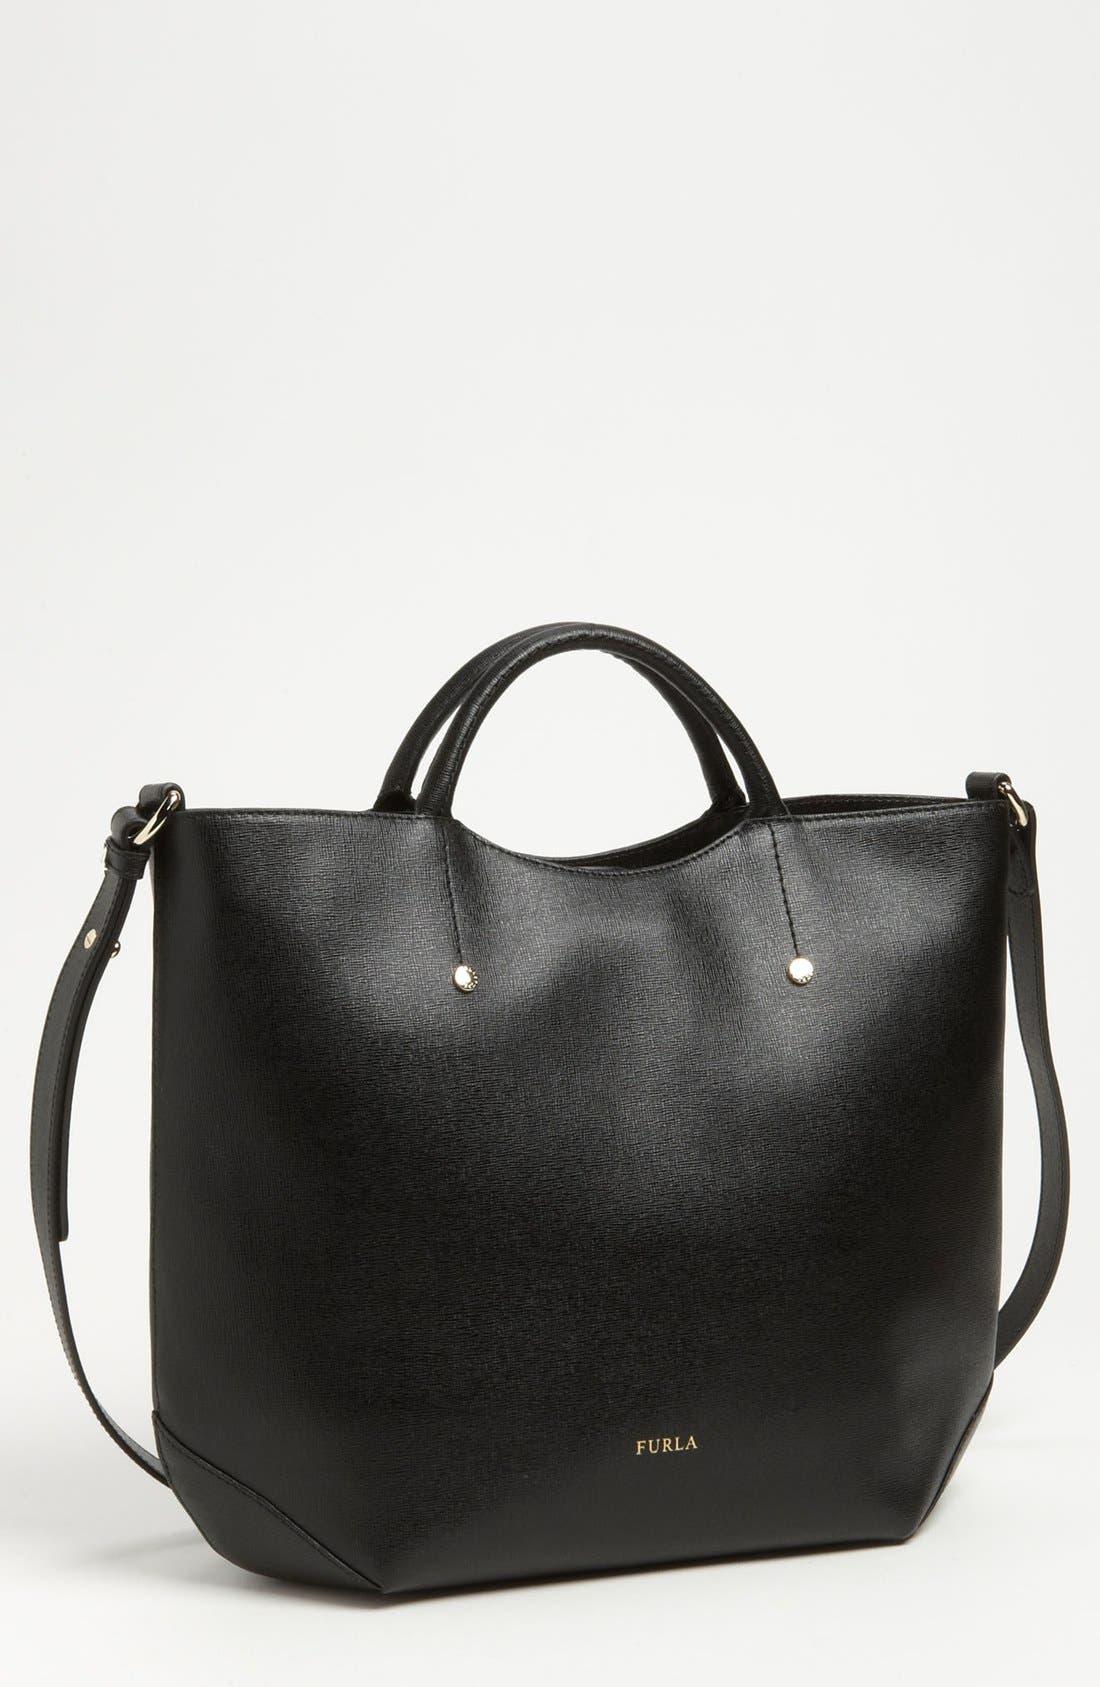 Alternate Image 1 Selected - Furla 'Arianna - Large' Saffiano Leather Shopper